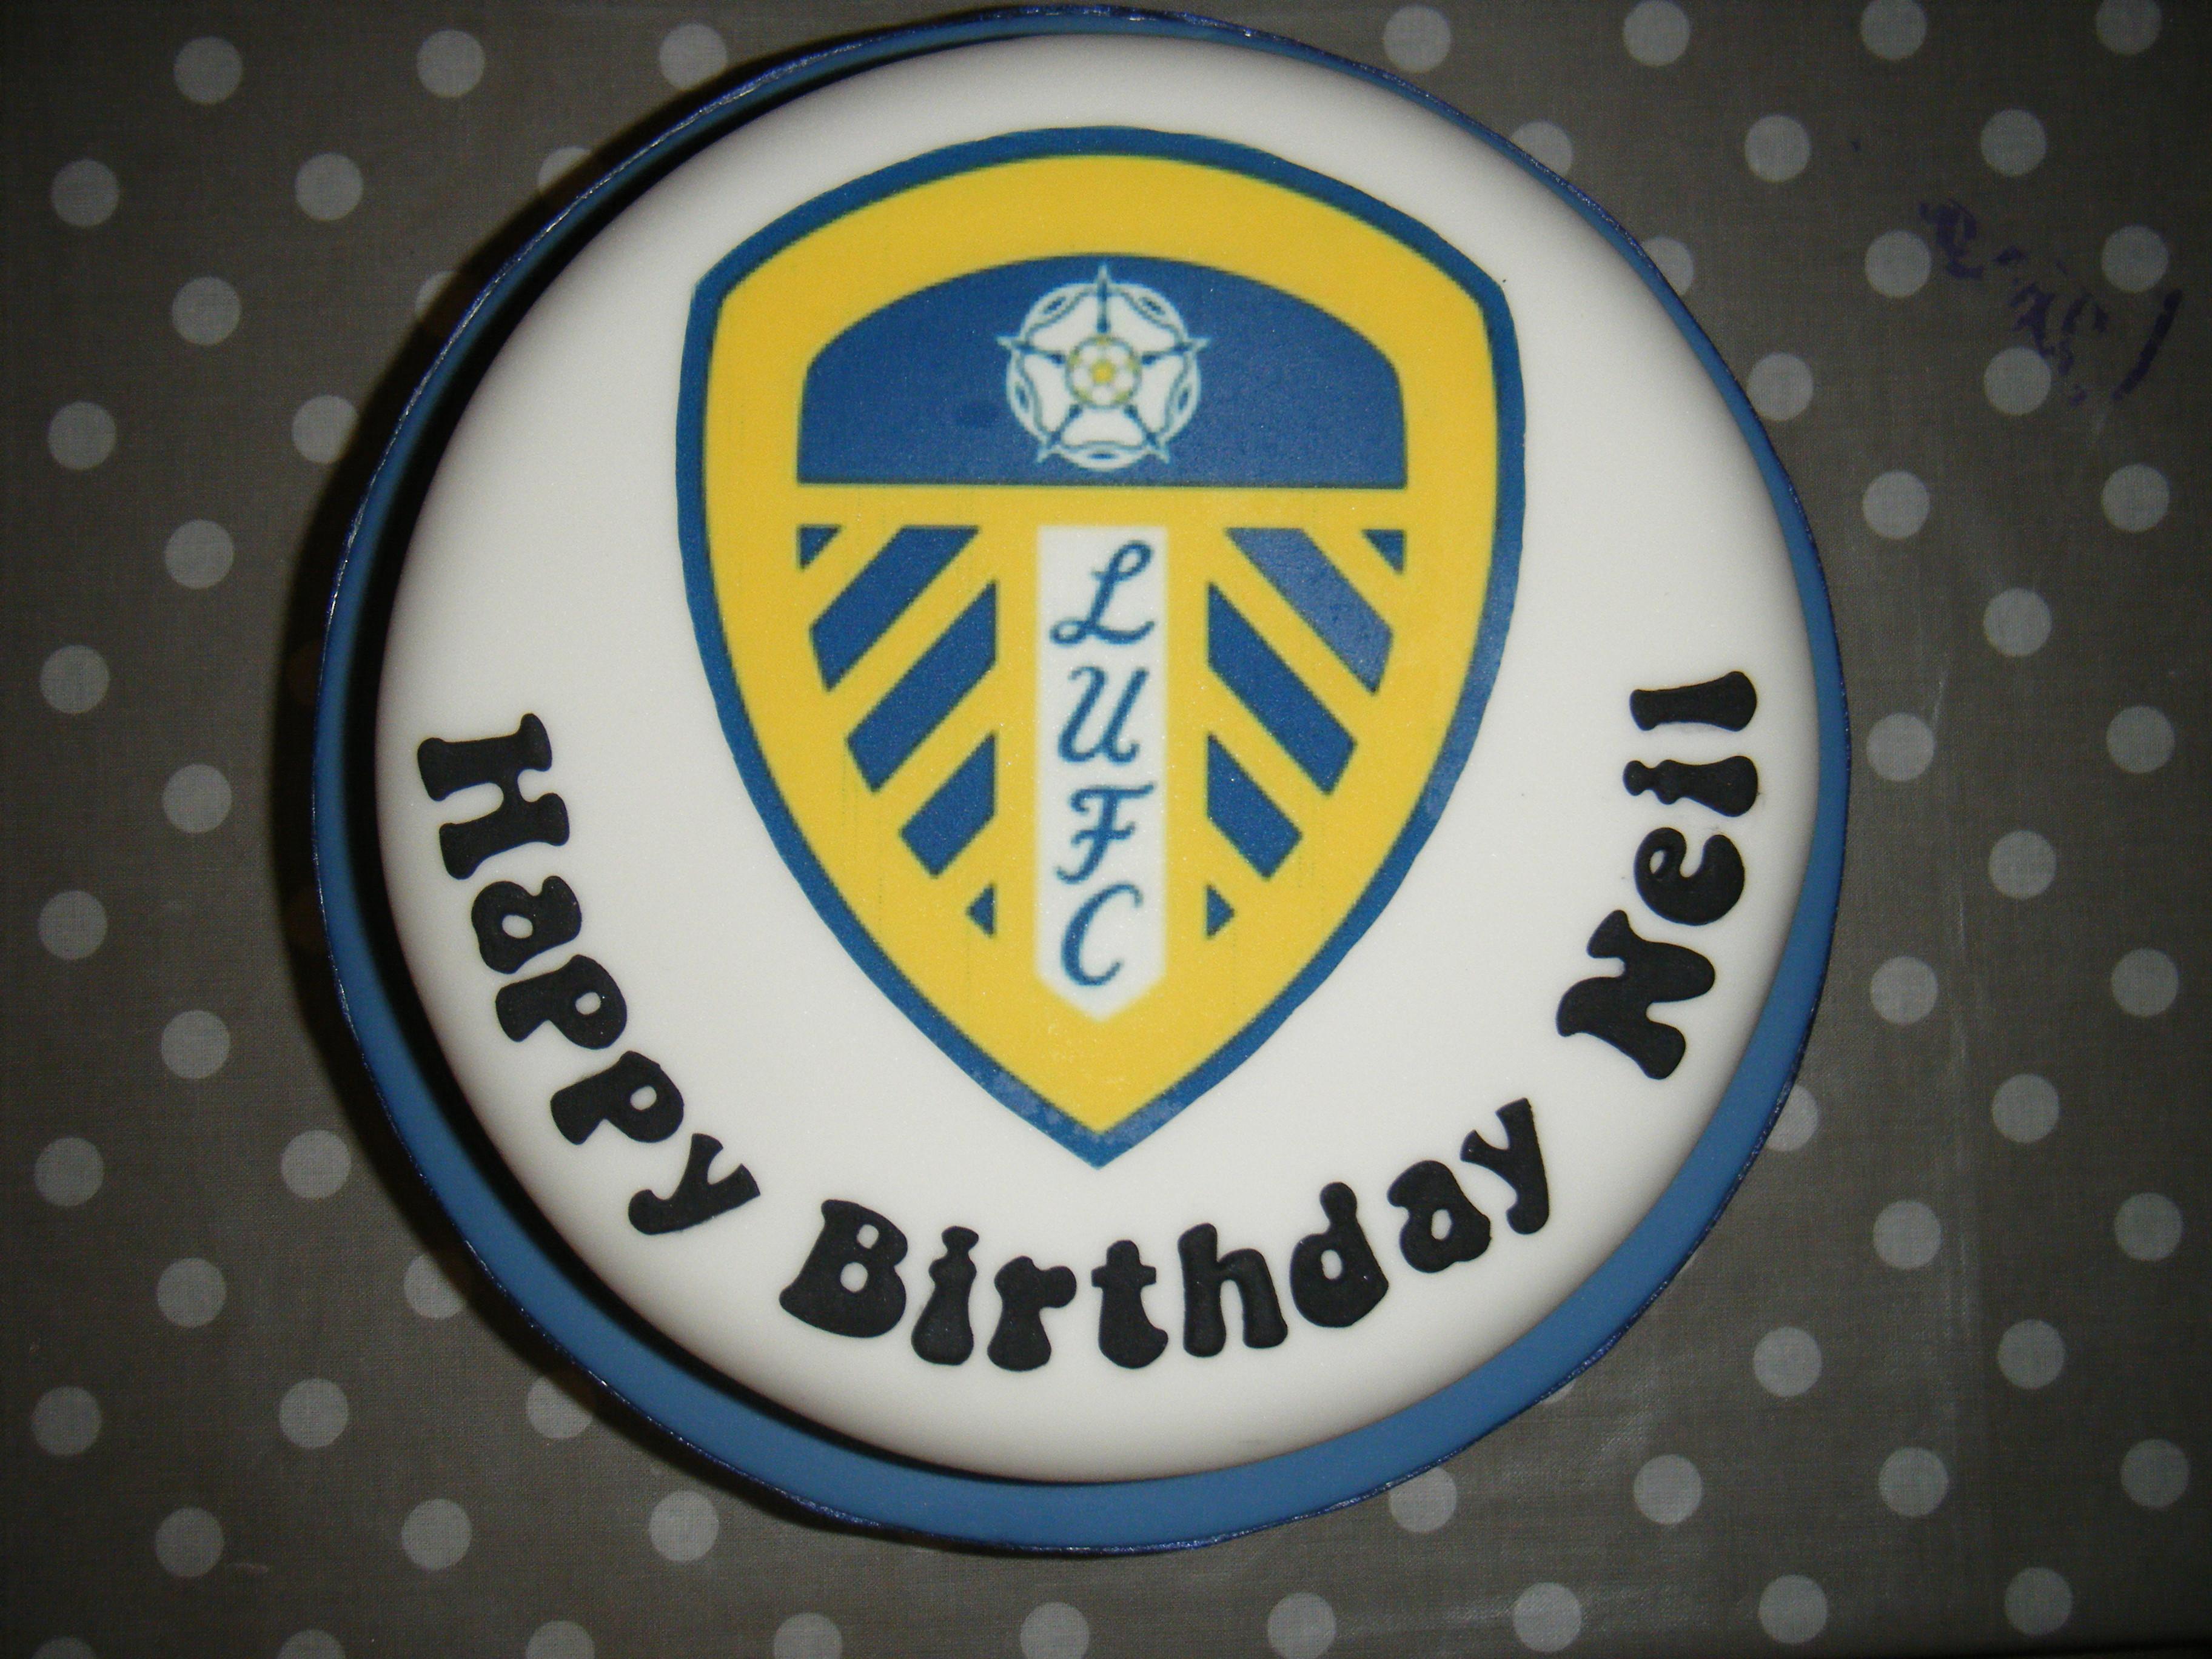 Cake Decorating Company Leeds : Fluffy Cakes Bespoke Cake Design Leeds Badge Picture Cake